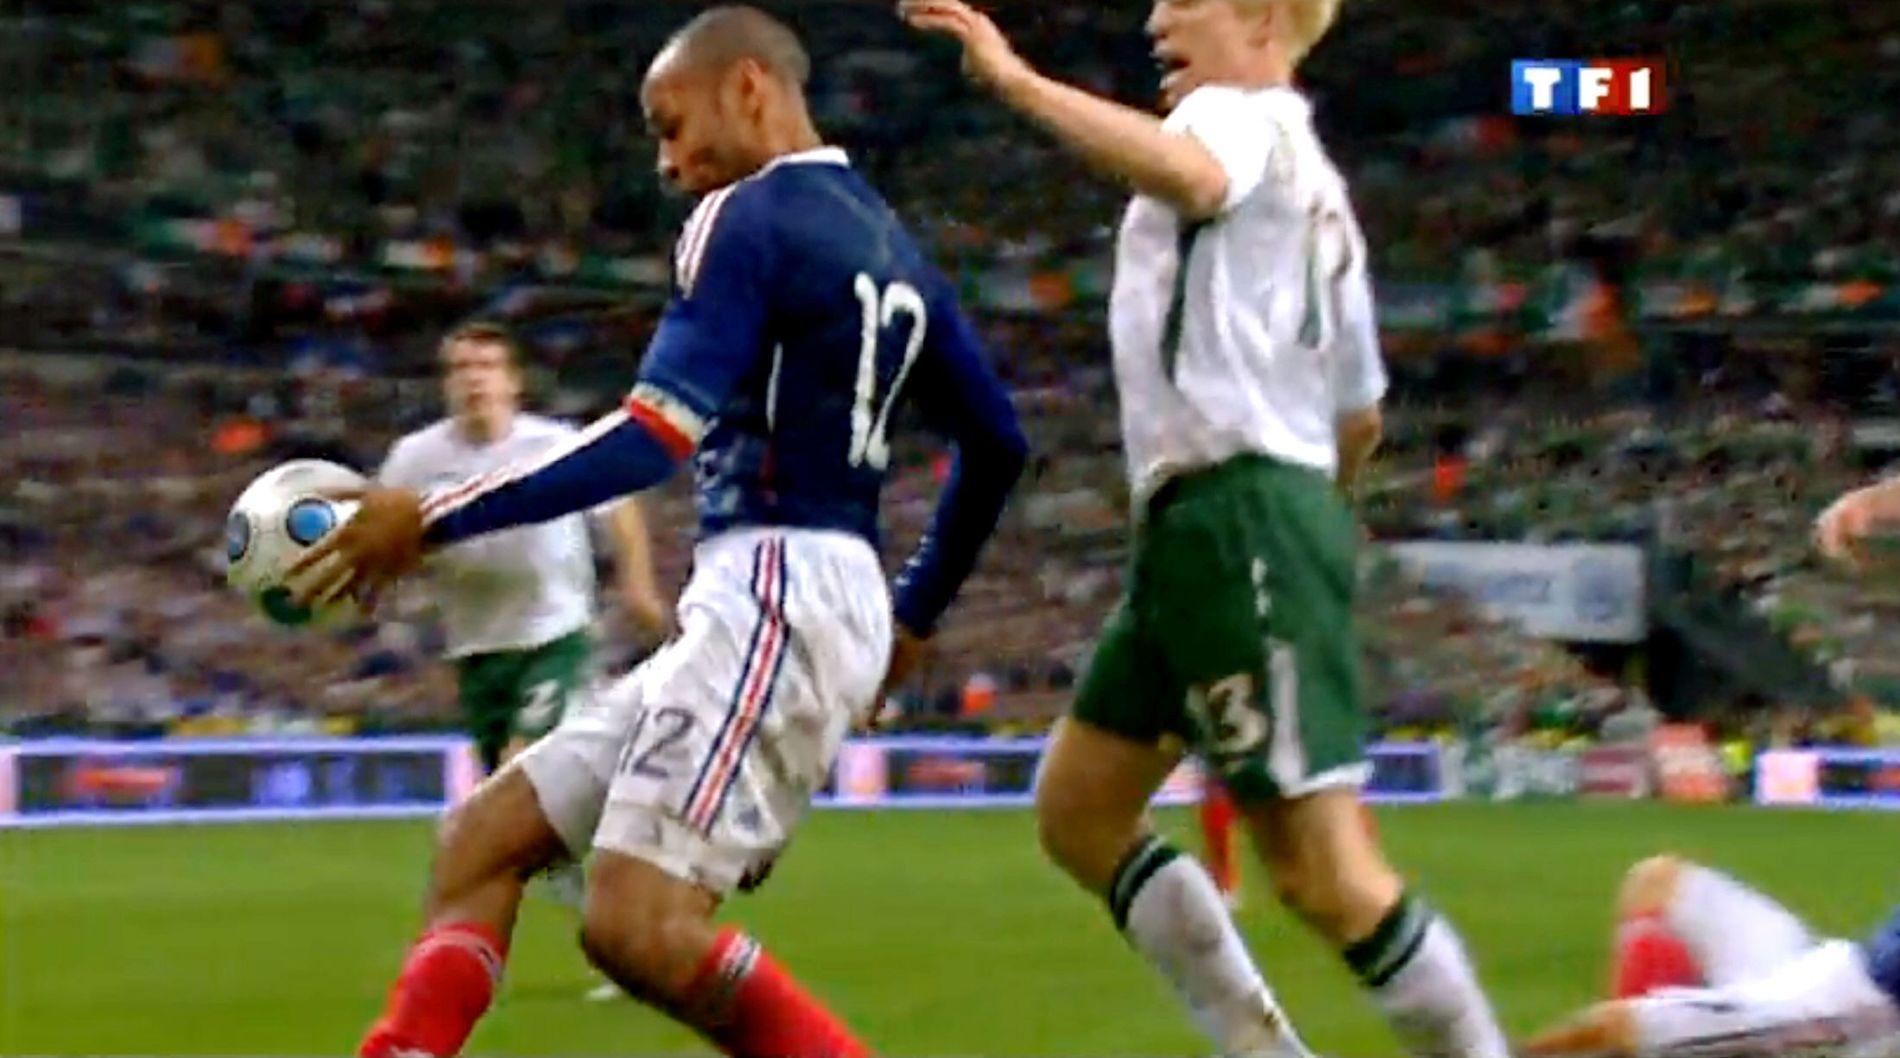 GLEMMES IKKE: Thierry Henry legger ballen til rette med venstrehånden, dommer Martin Hansson ser det ikke, og Frankrike går til Sør-Afrika-VM i 2010. I dag er det et slags revansjeoppgjør. Iren til høyre er Paul Mc Shane. Foto: GRAB TF1AFP